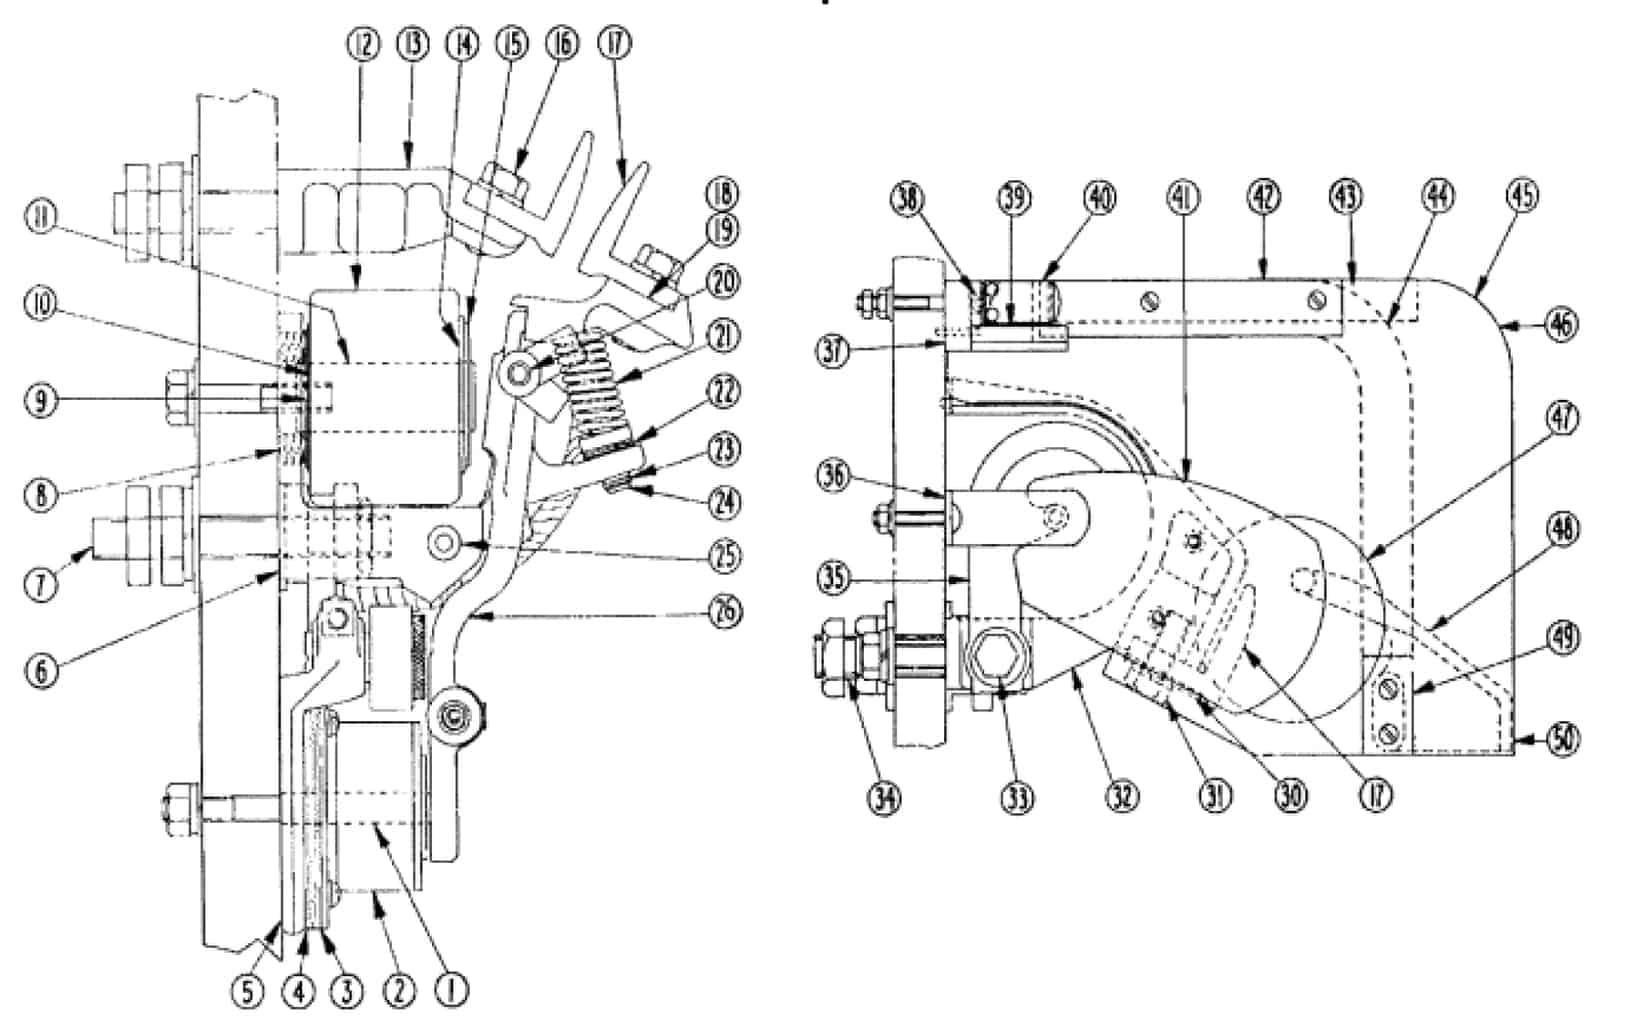 No. 575 600 Amp D-C Contactor